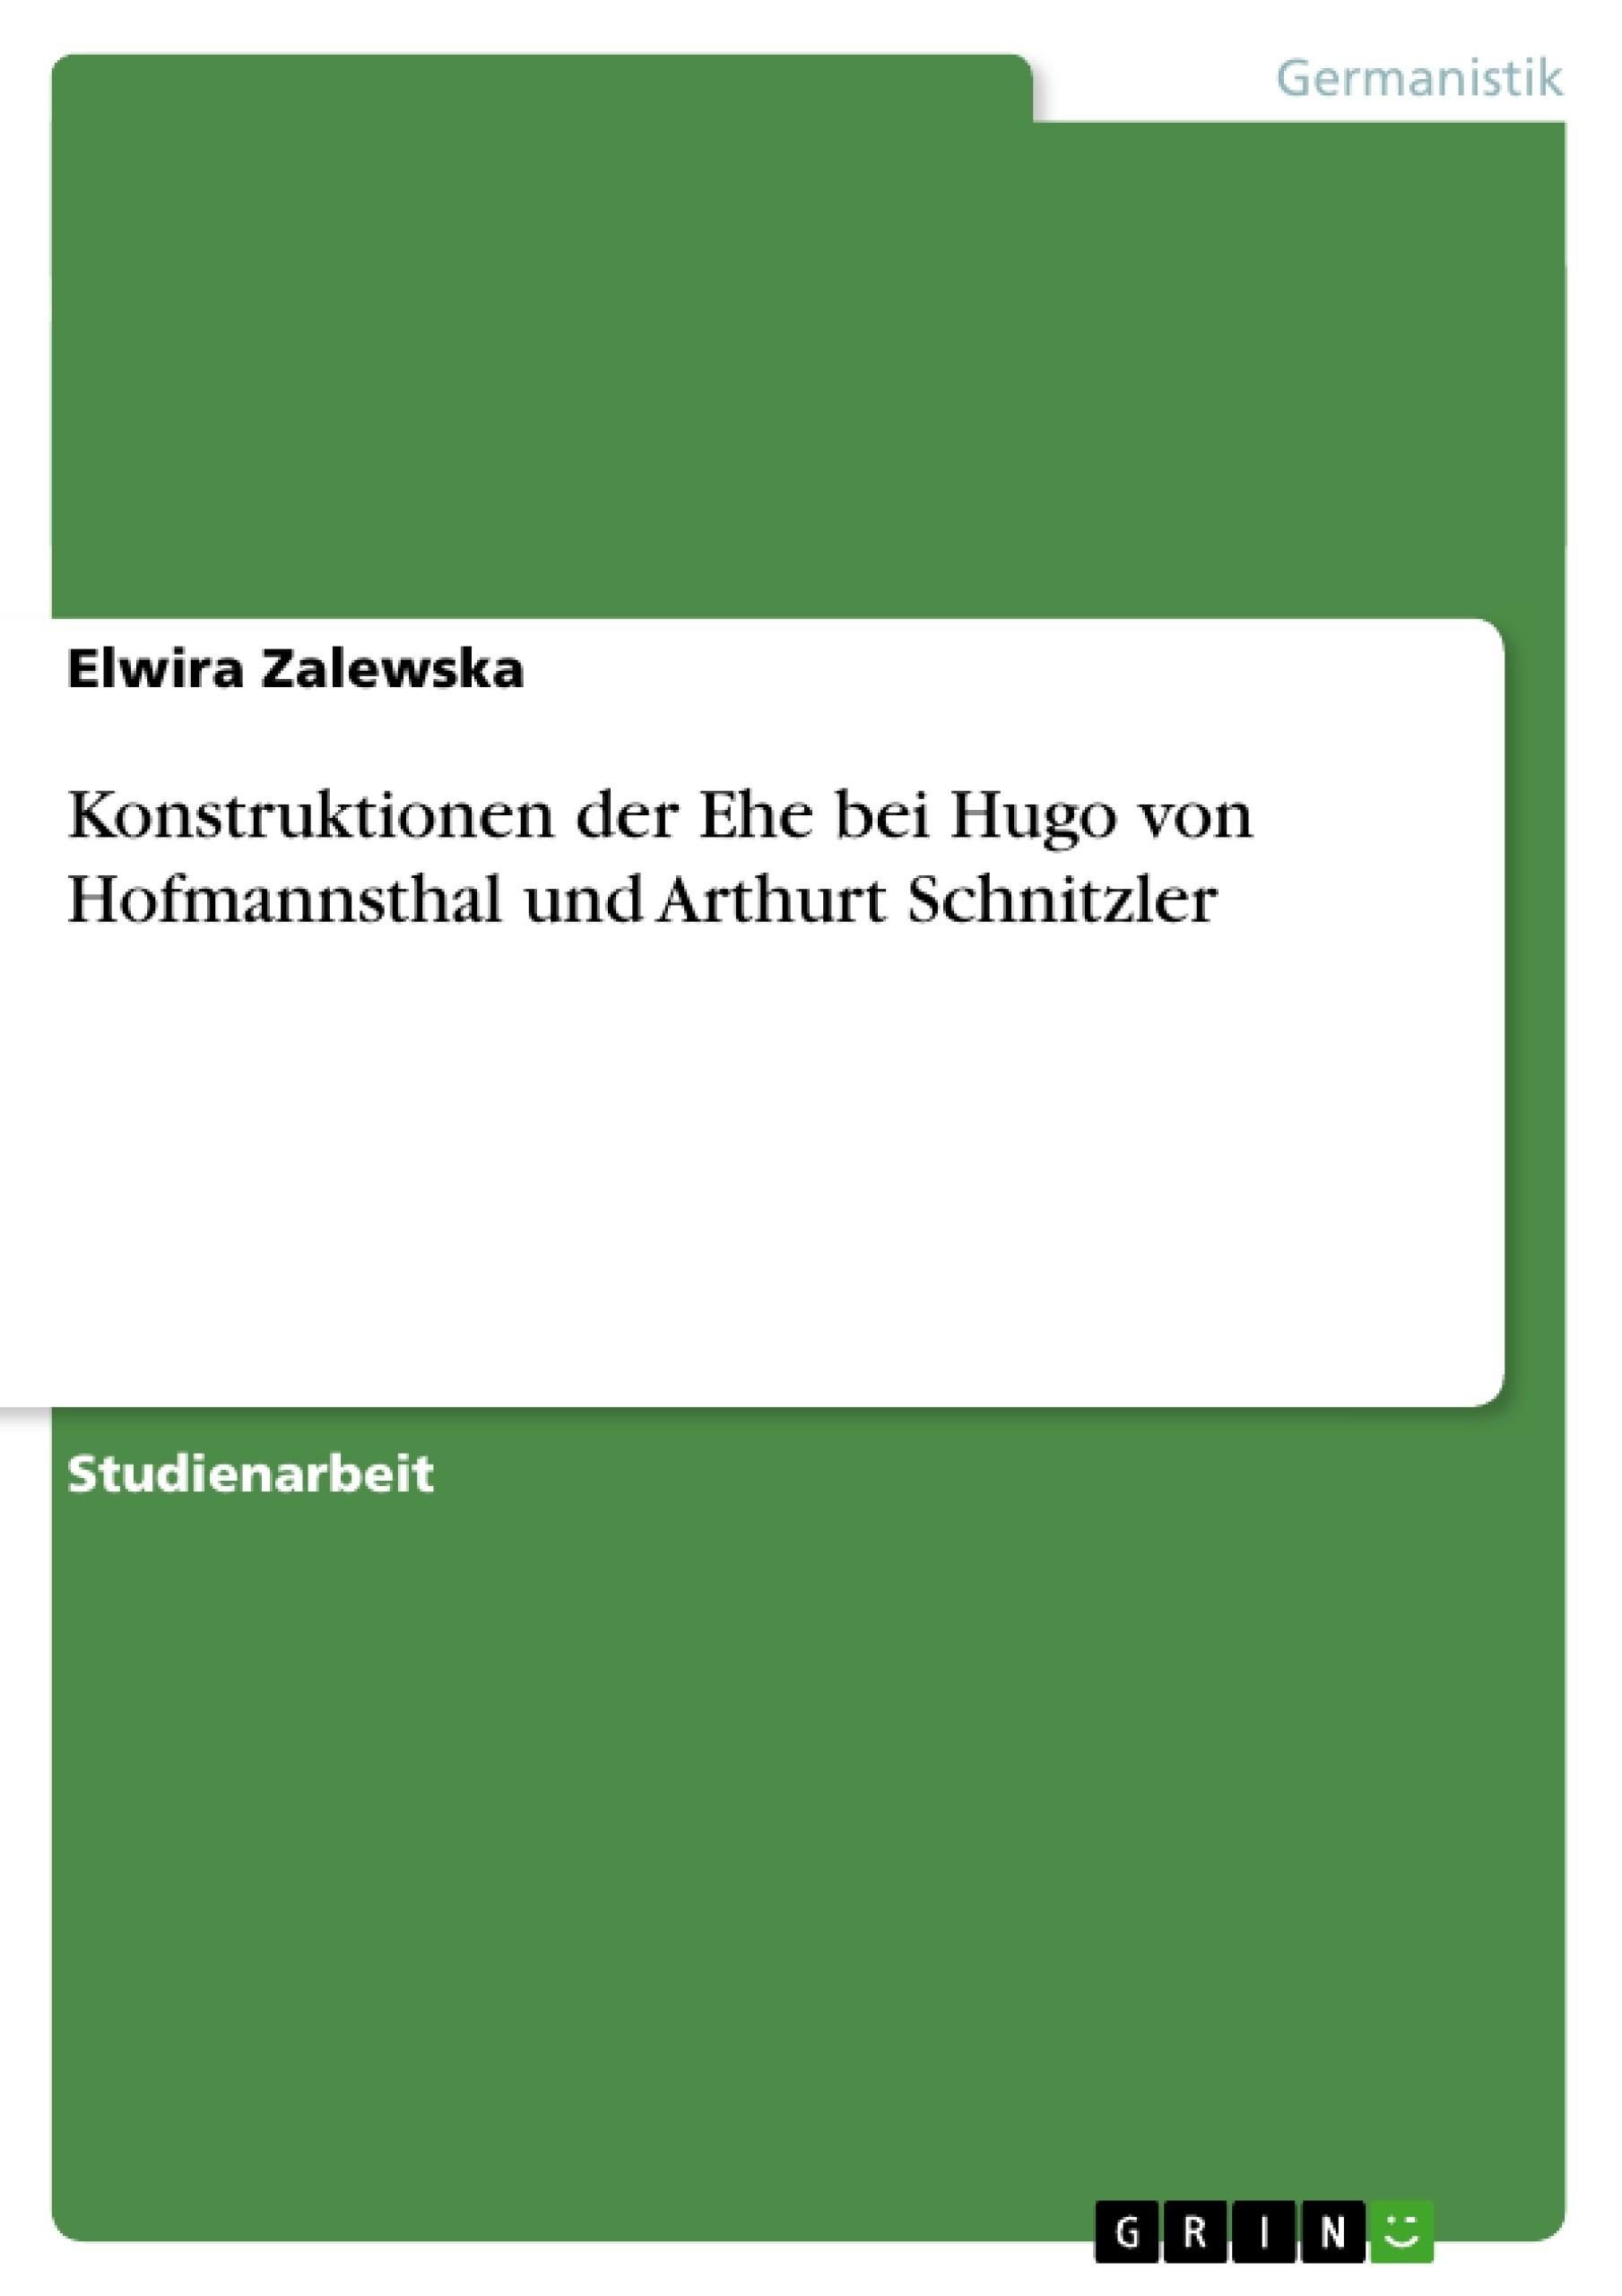 Titel: Konstruktionen der Ehe bei Hugo von Hofmannsthal und Arthurt Schnitzler